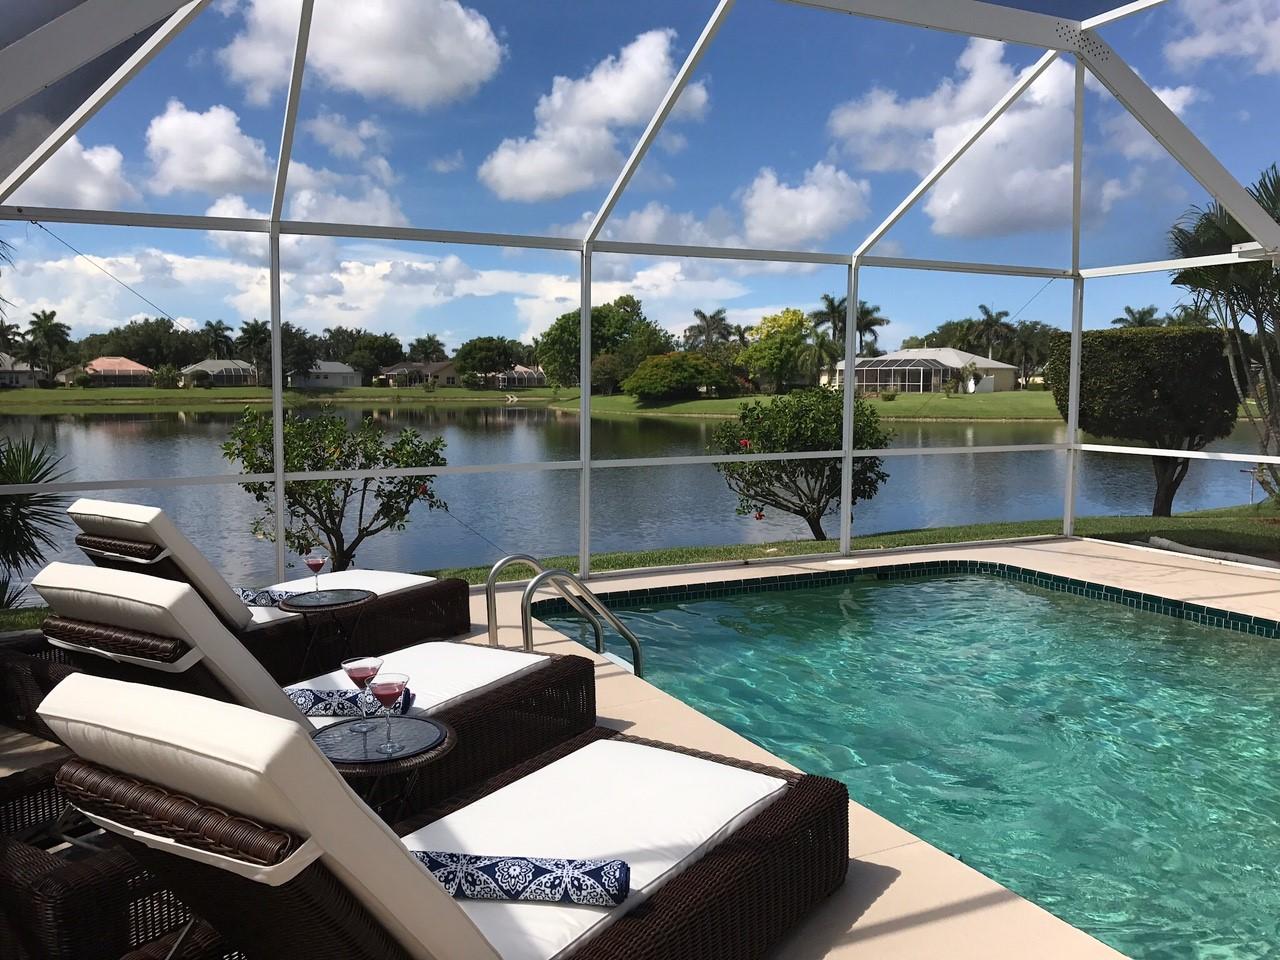 Ferienhaus in Briarwood Naples direkt vom Eigentuemer mieten - Immobilien Naples, Naples, FL 34104